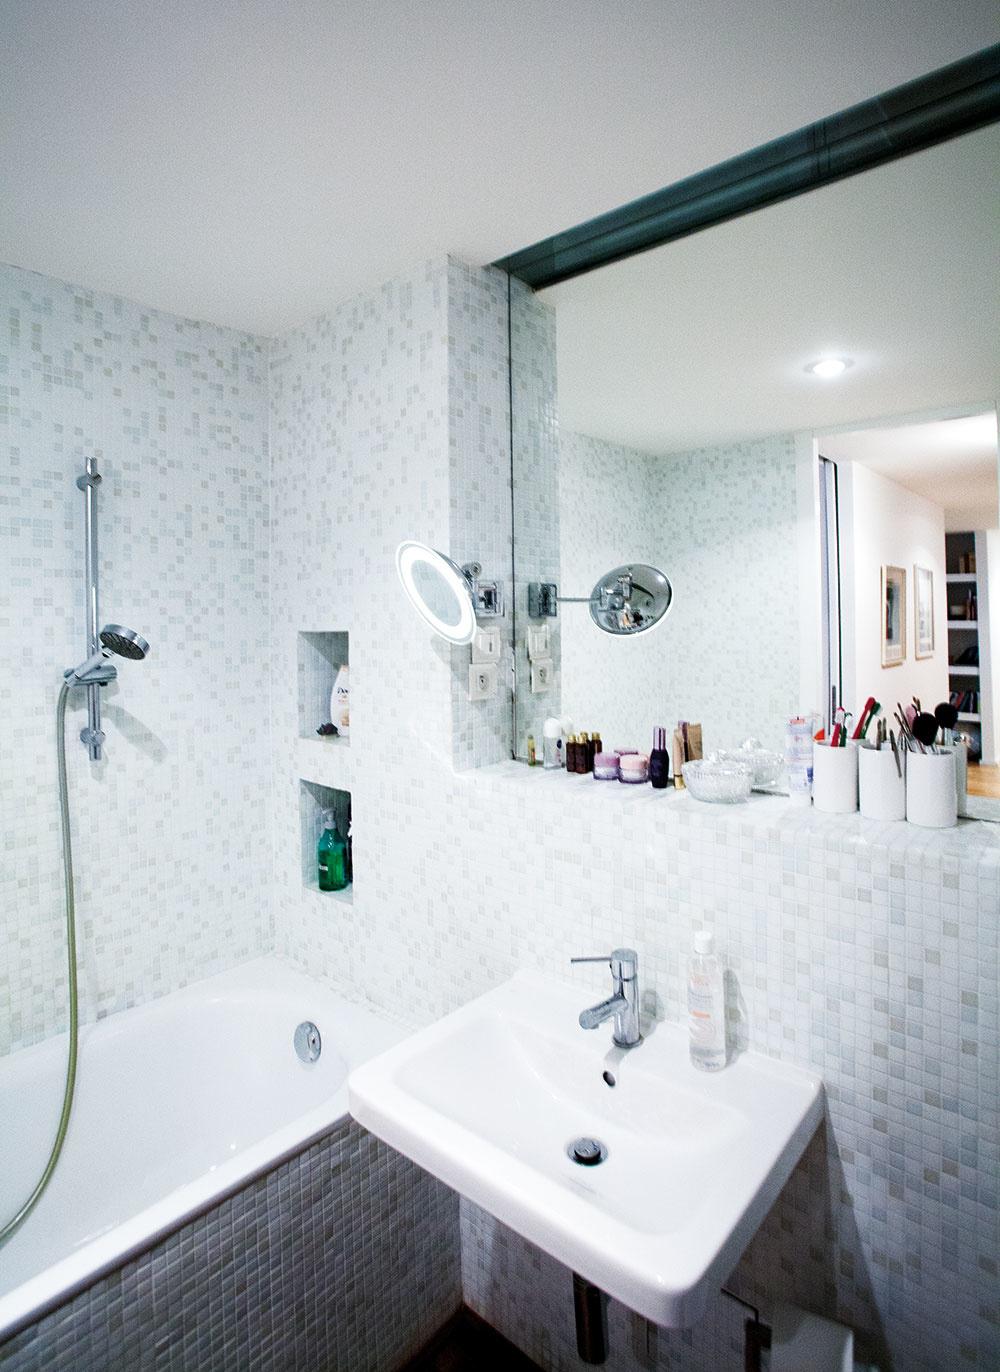 Nová väčšia kúpeľňa vznikla zlúčením pôvodnej minikúpeľne a WC. Namiesto bežných keramických obkladačiek použili architekti na stenách jemnú mozaiku a stierku z pohľadového betónu.